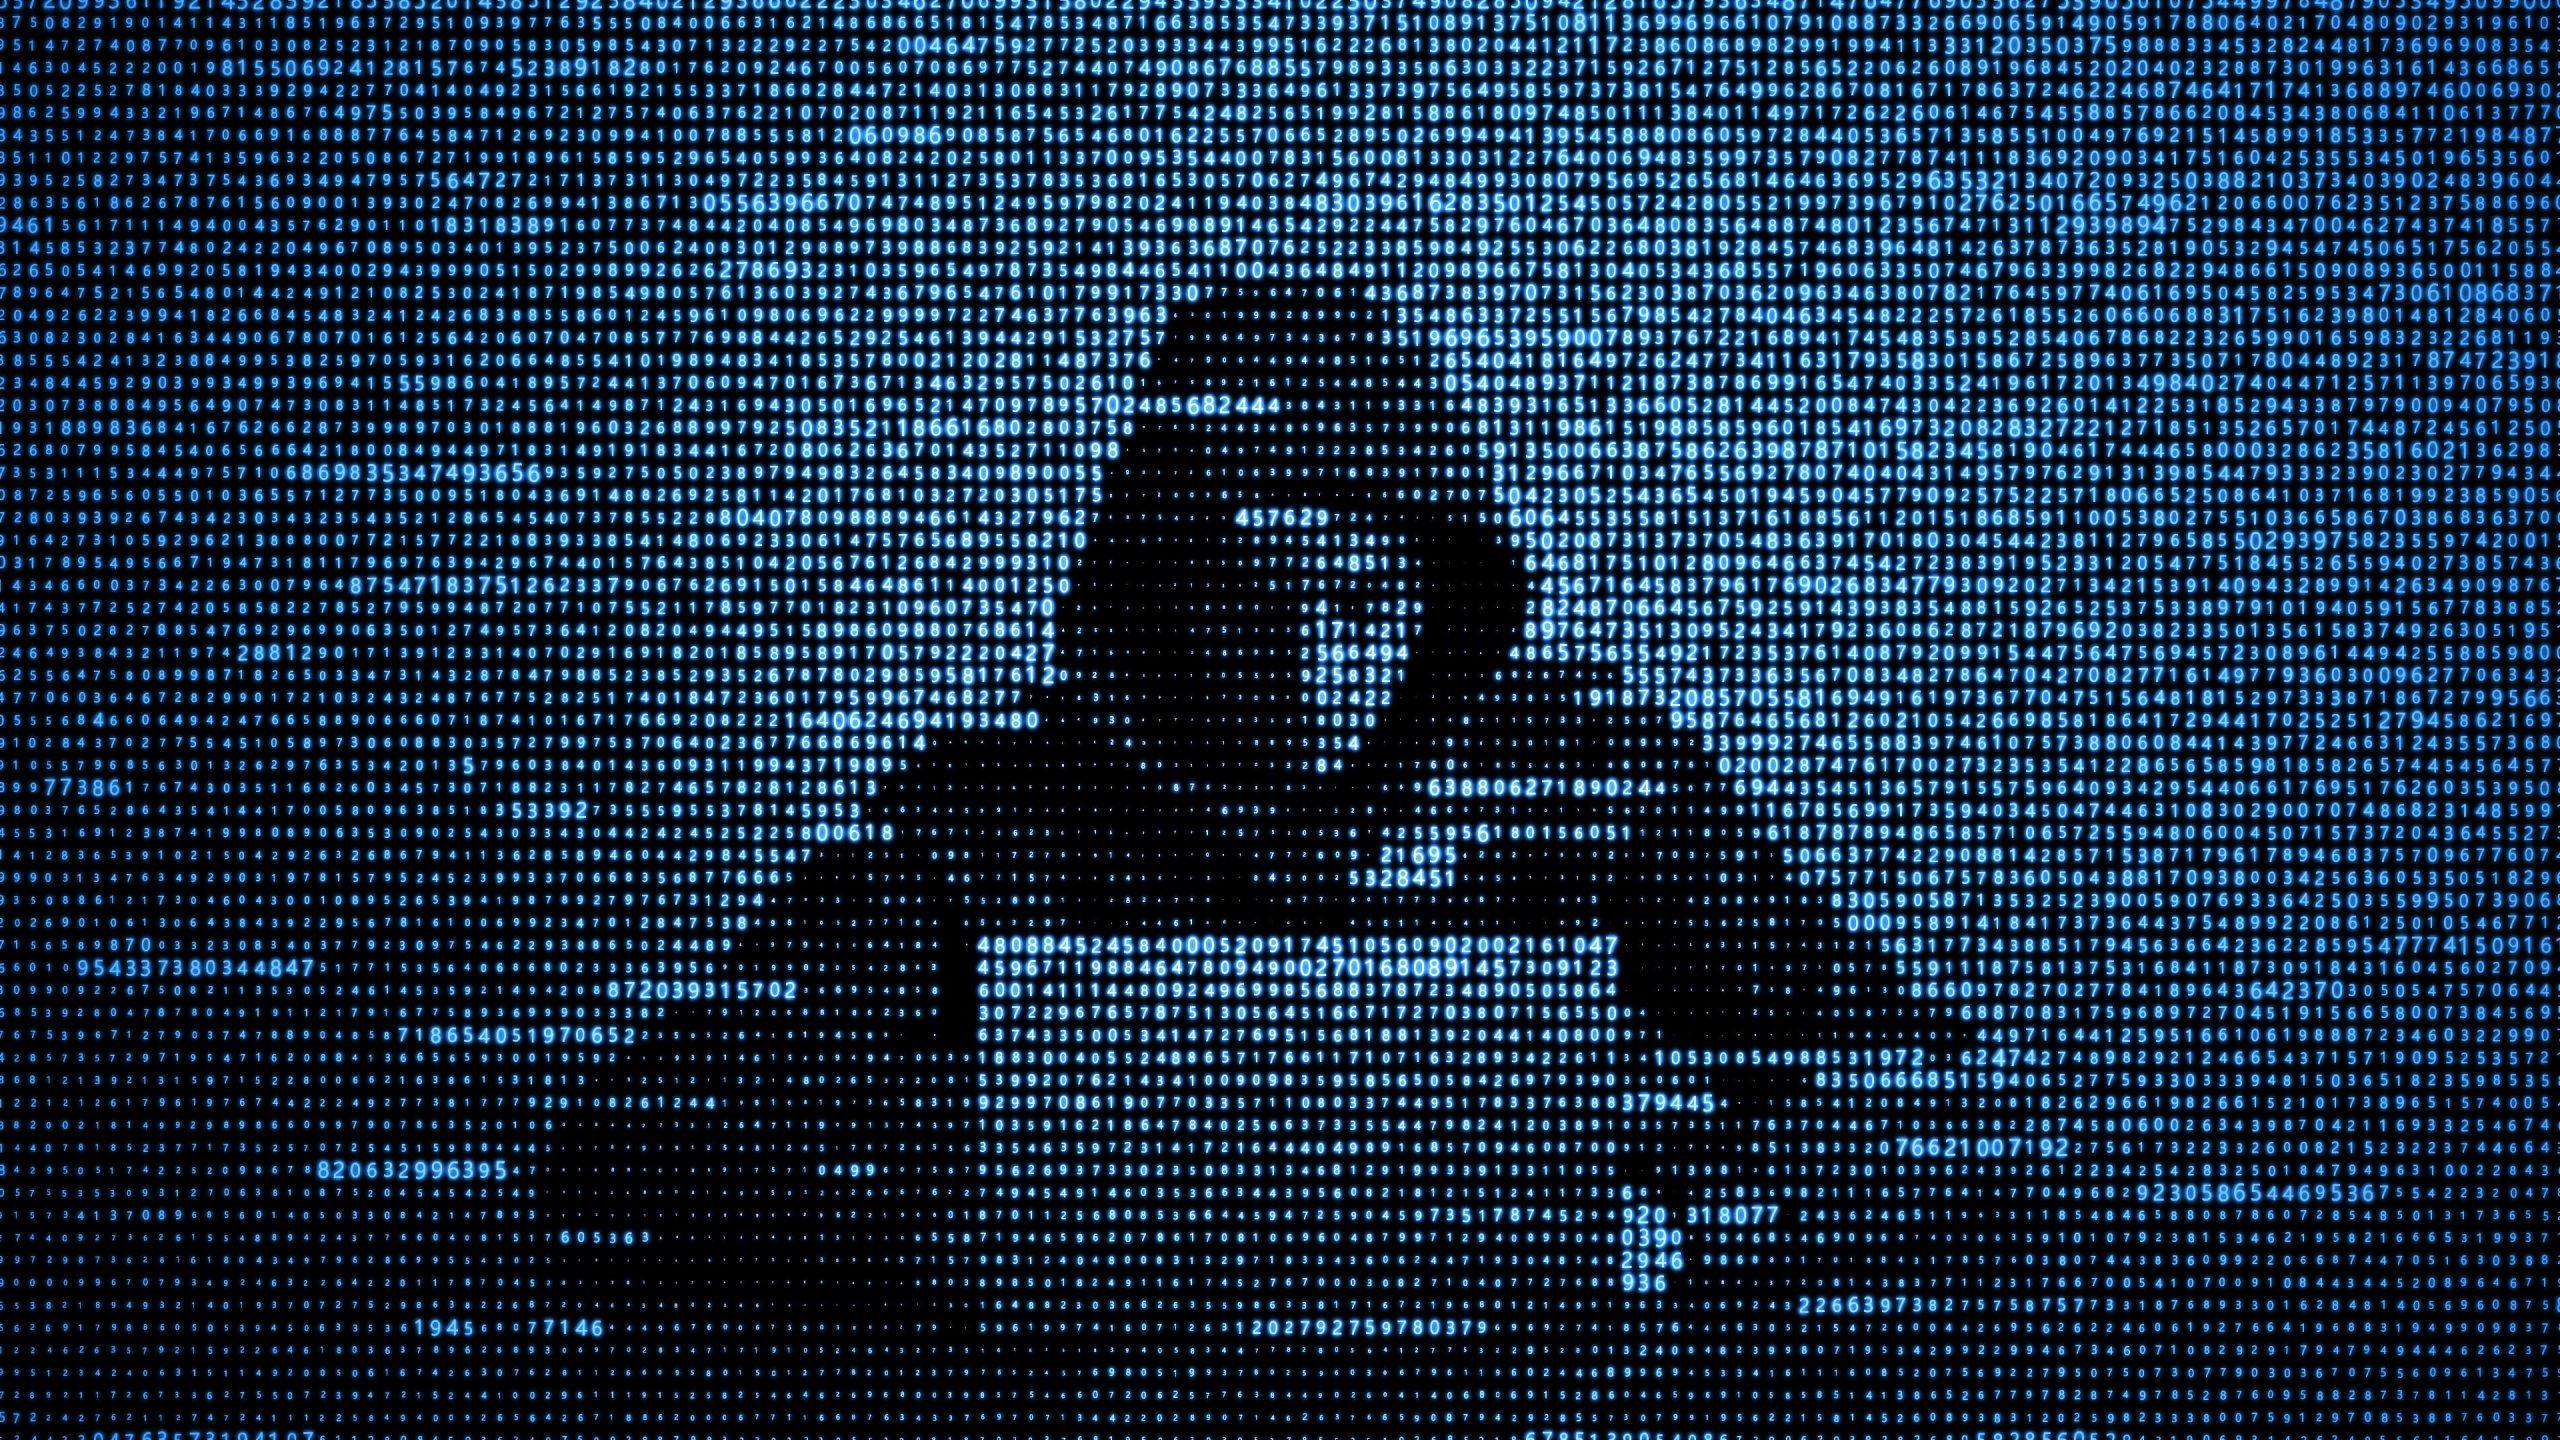 Lazarus, grupo de amenazas persistentes avanzadas, pone en la mira a la industria de defensa   Blog oficial de Kaspersky